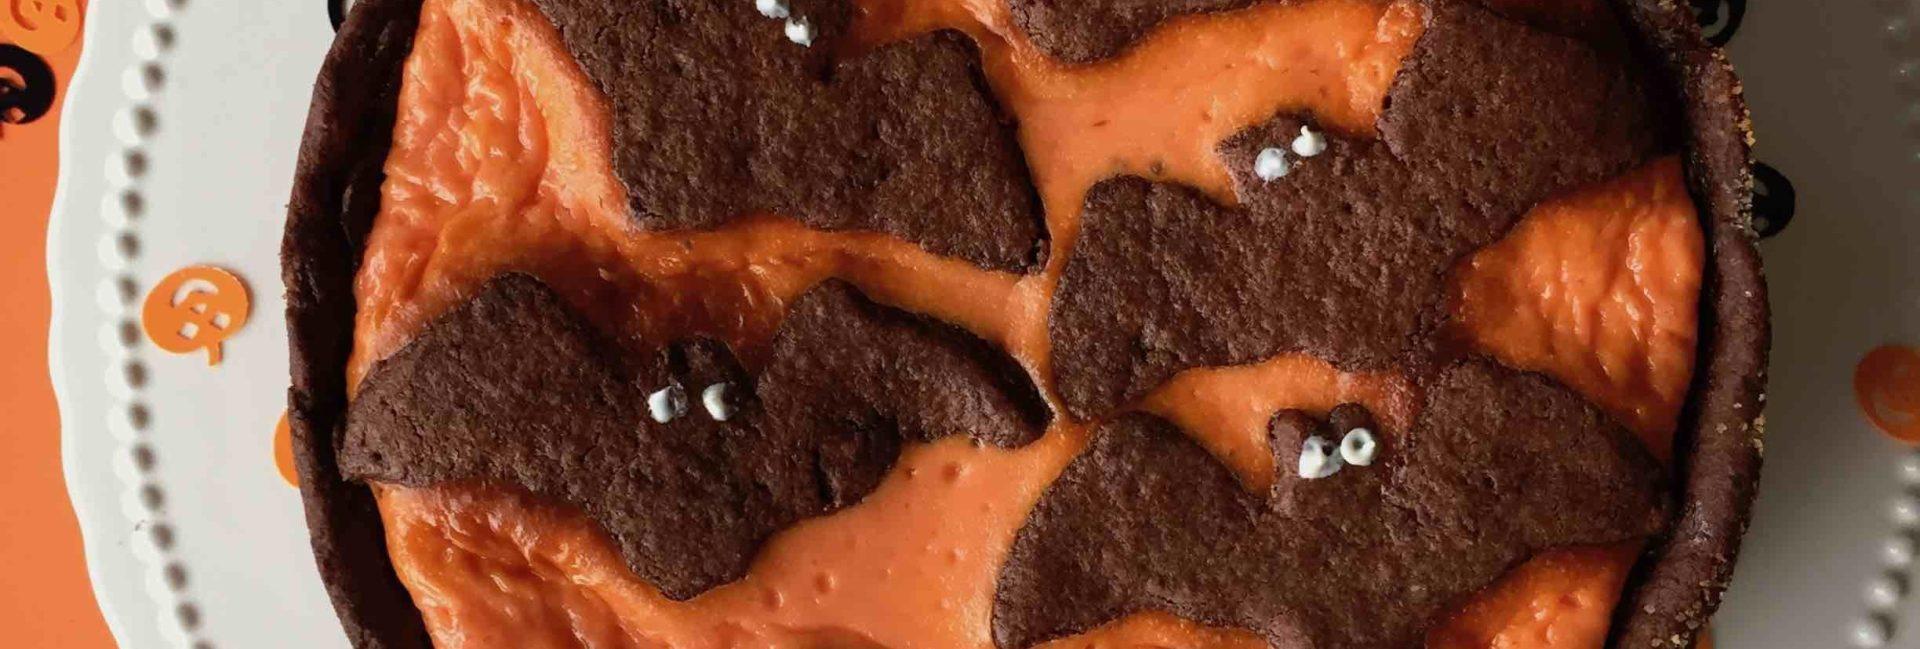 Ein Russischer Zupfkuchen gruselig mit Schokofledermäusen für Halloween dekoriert.